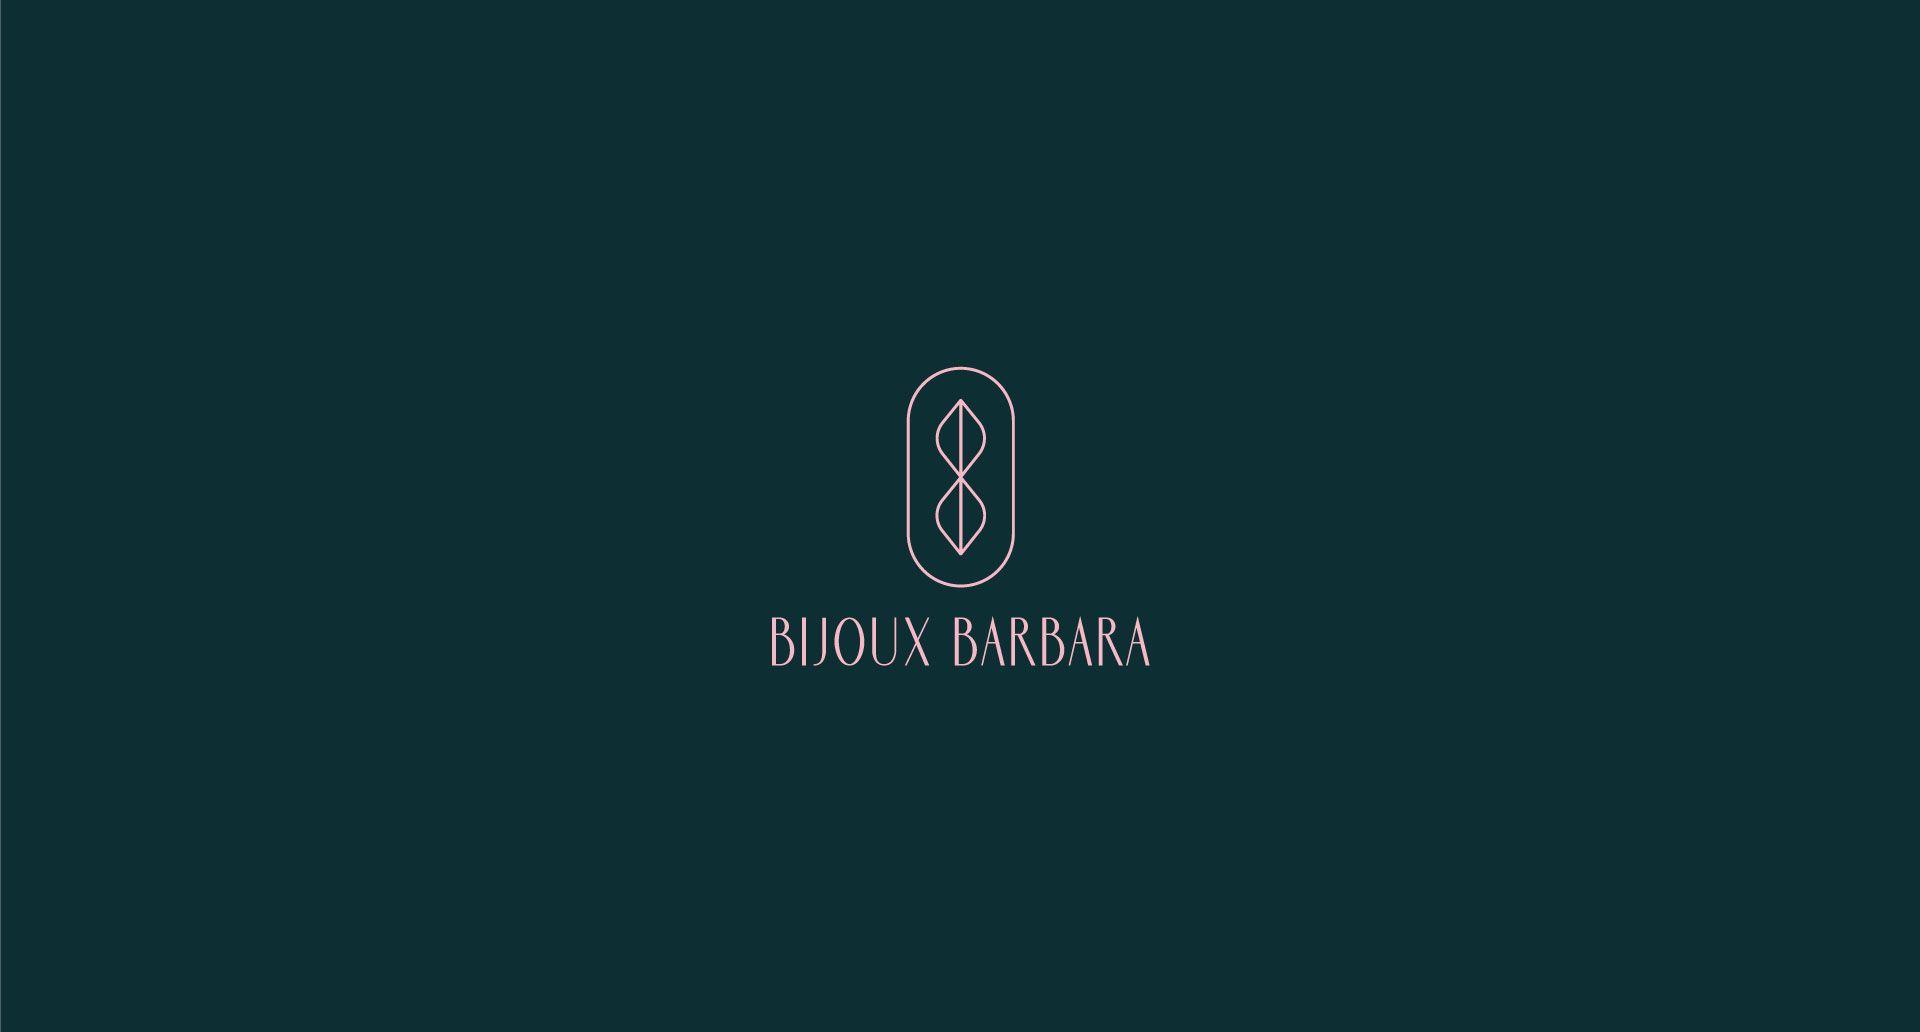 Refonte de l'identité visuelle pour Barbara par l'agence Cassian